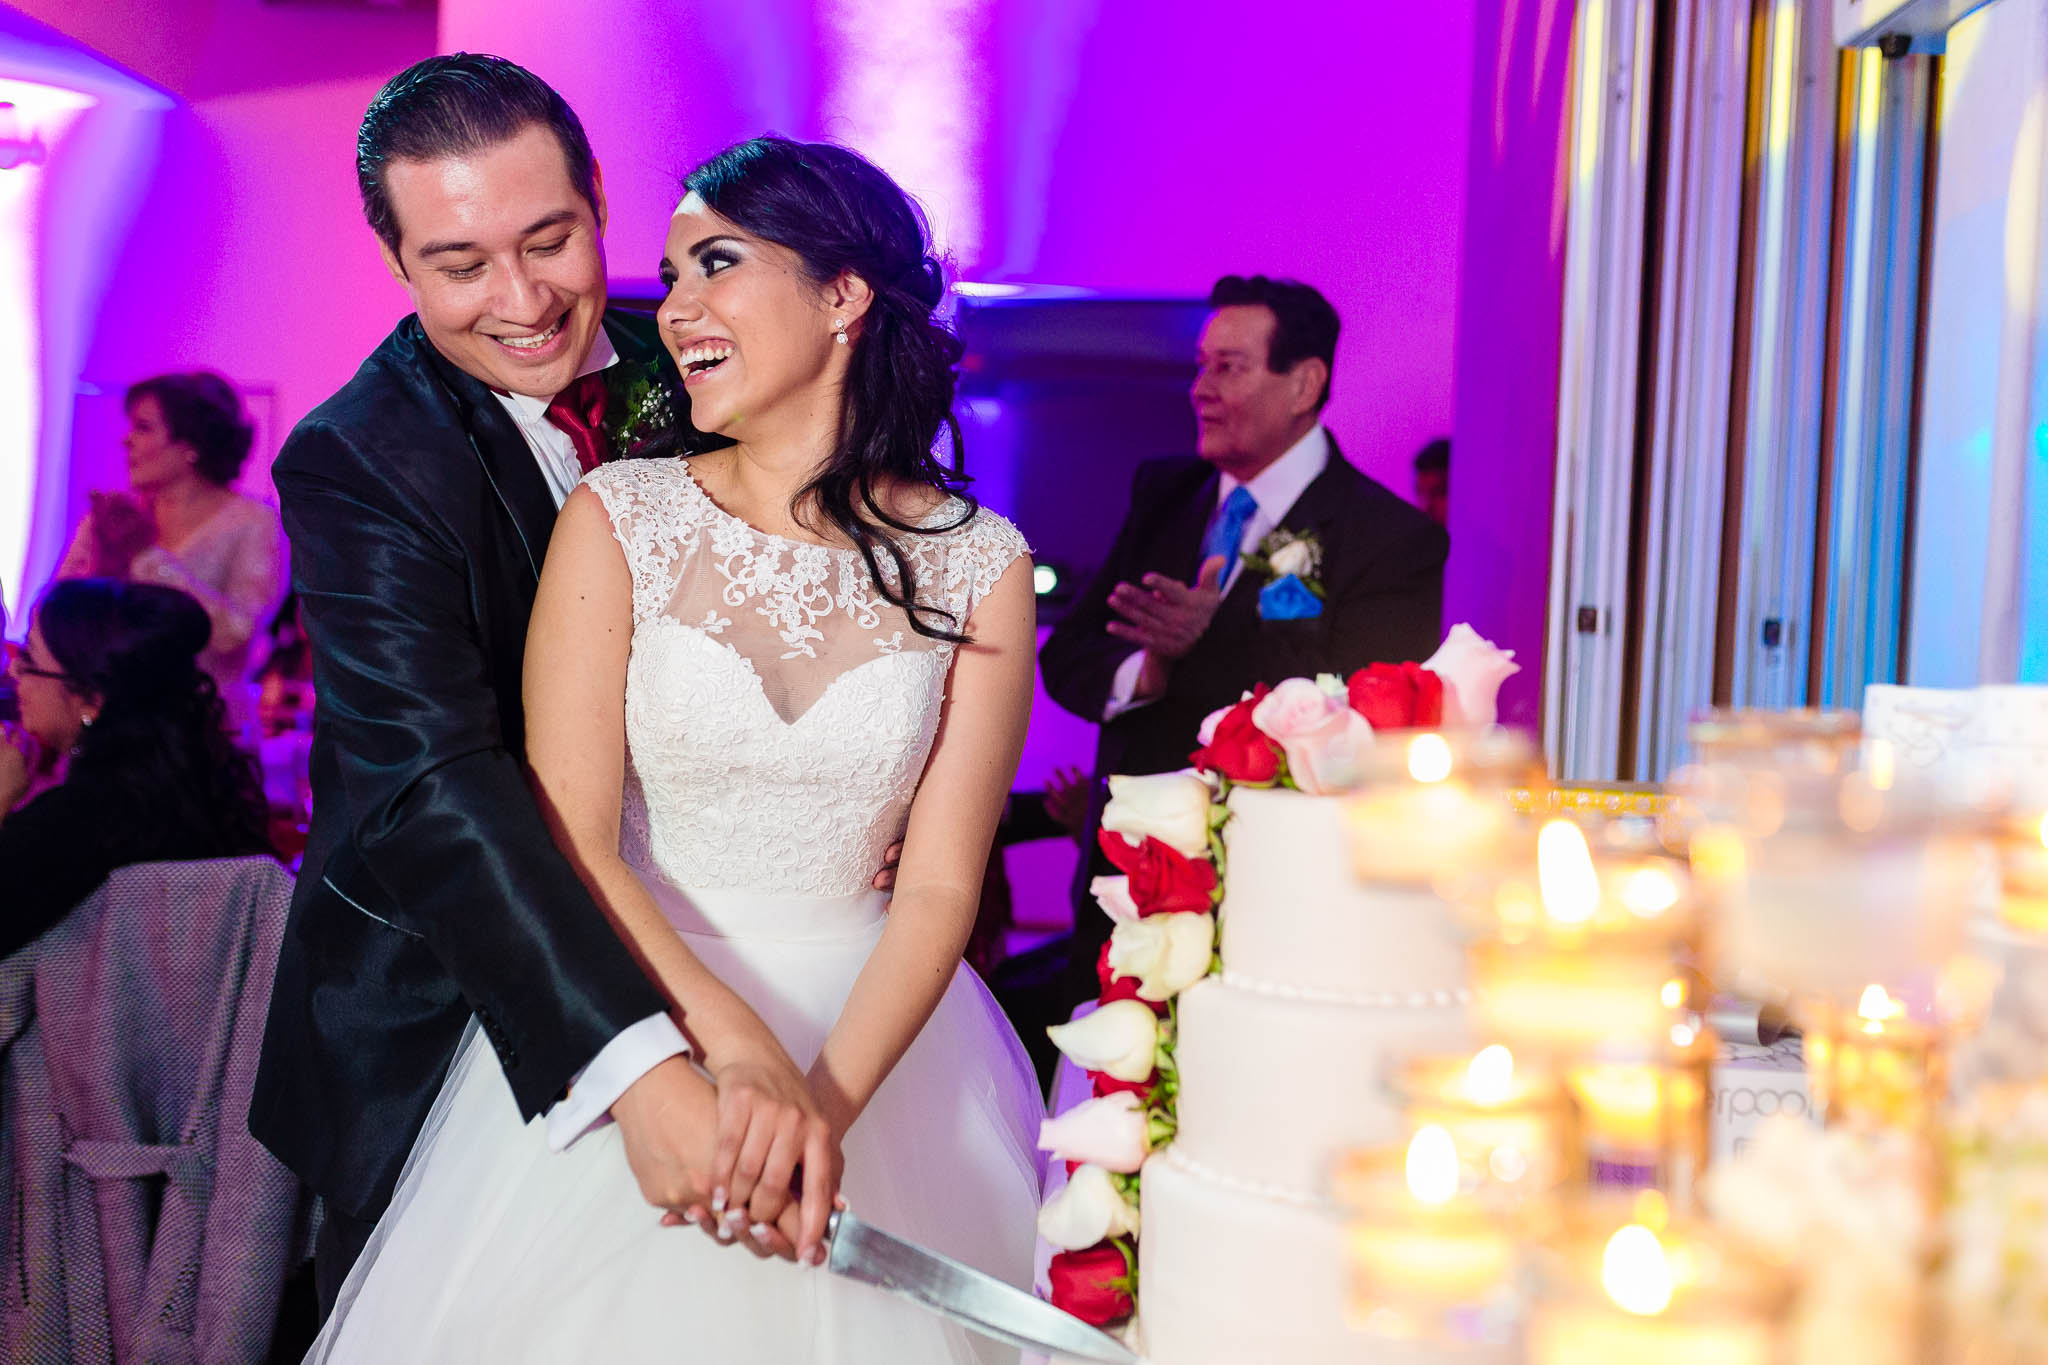 fotografo de bodas san luis potosi boda mexico wedding destination fotos de boda 208